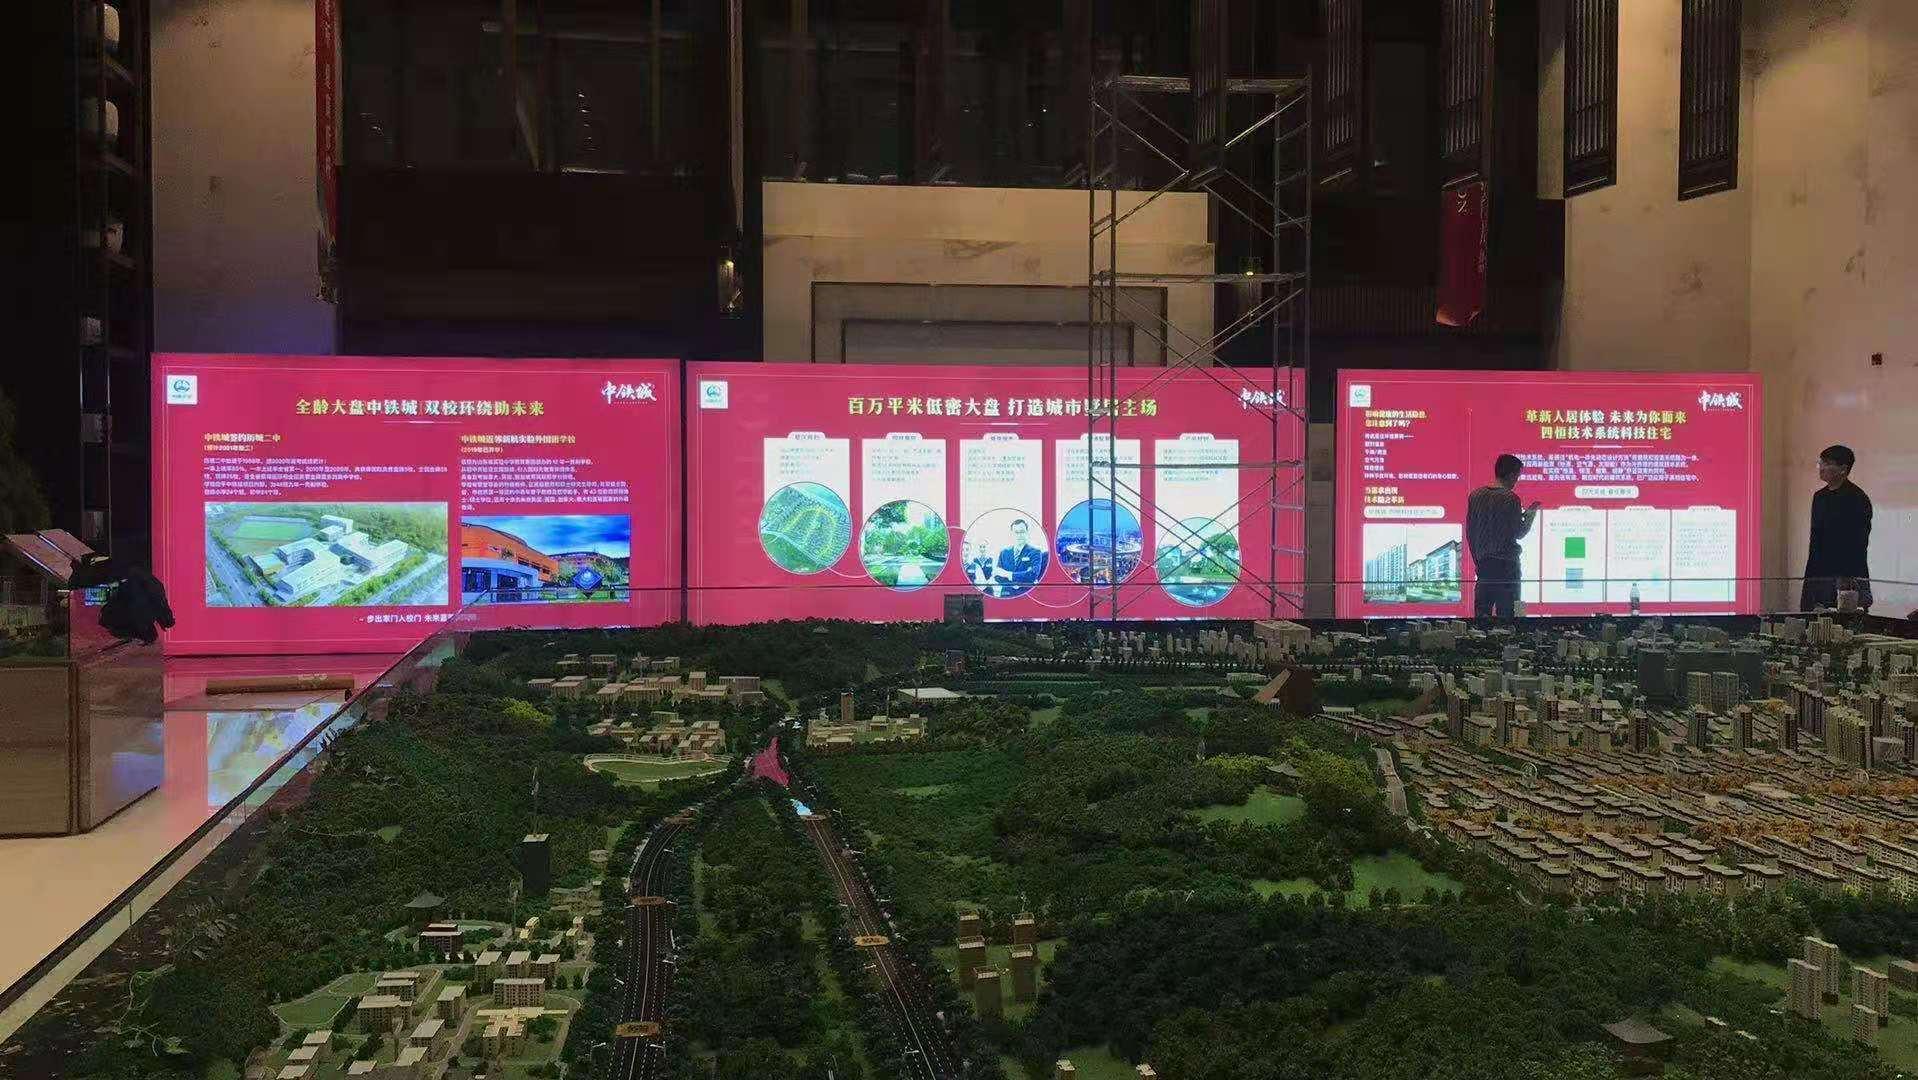 中铁城标识牌